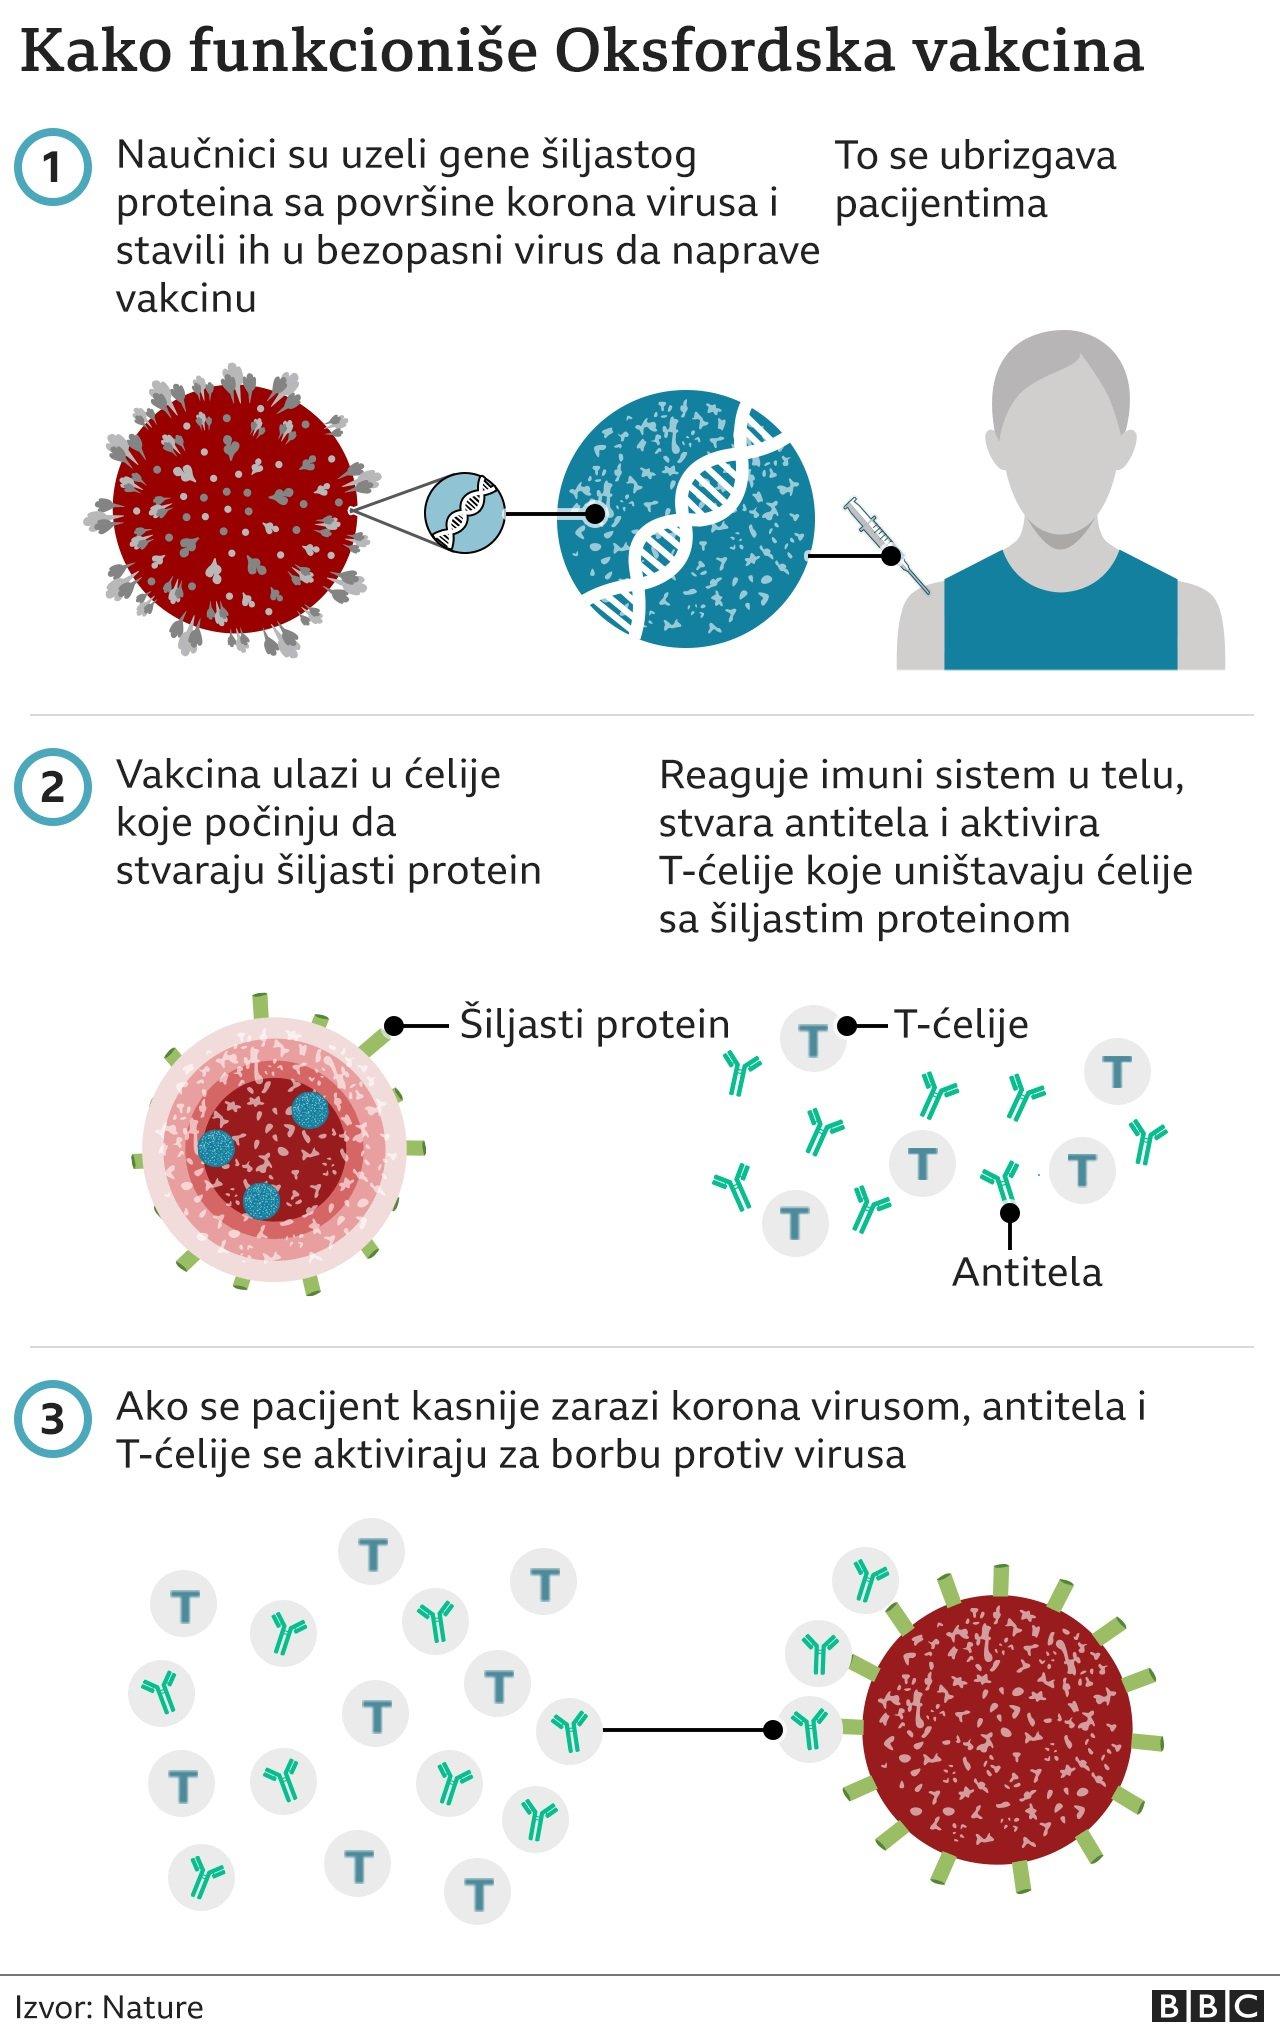 Kako funkcioniše vakcina